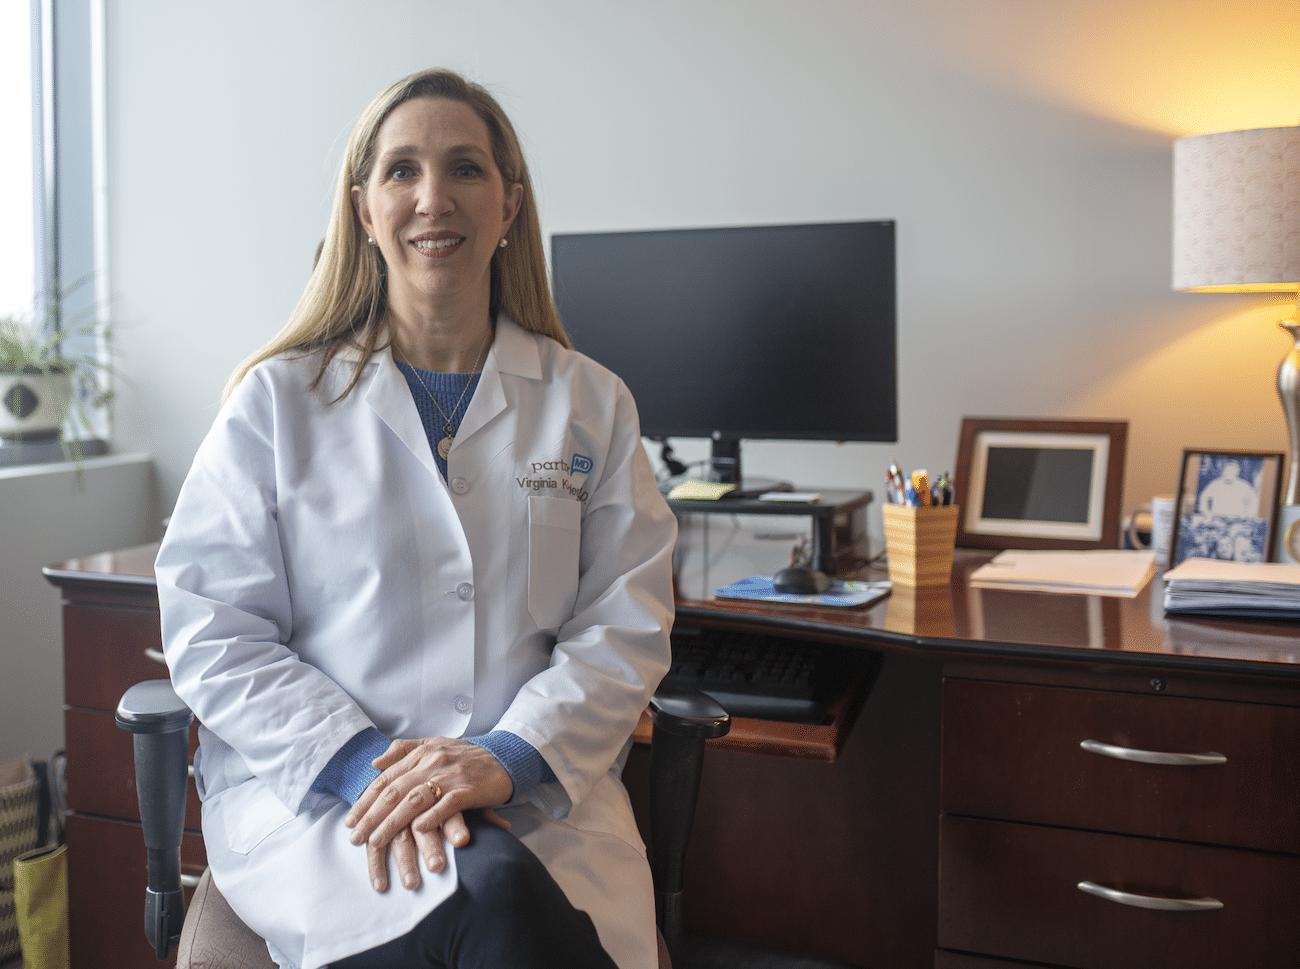 Virginia Kladder, M.D at PartnerMD